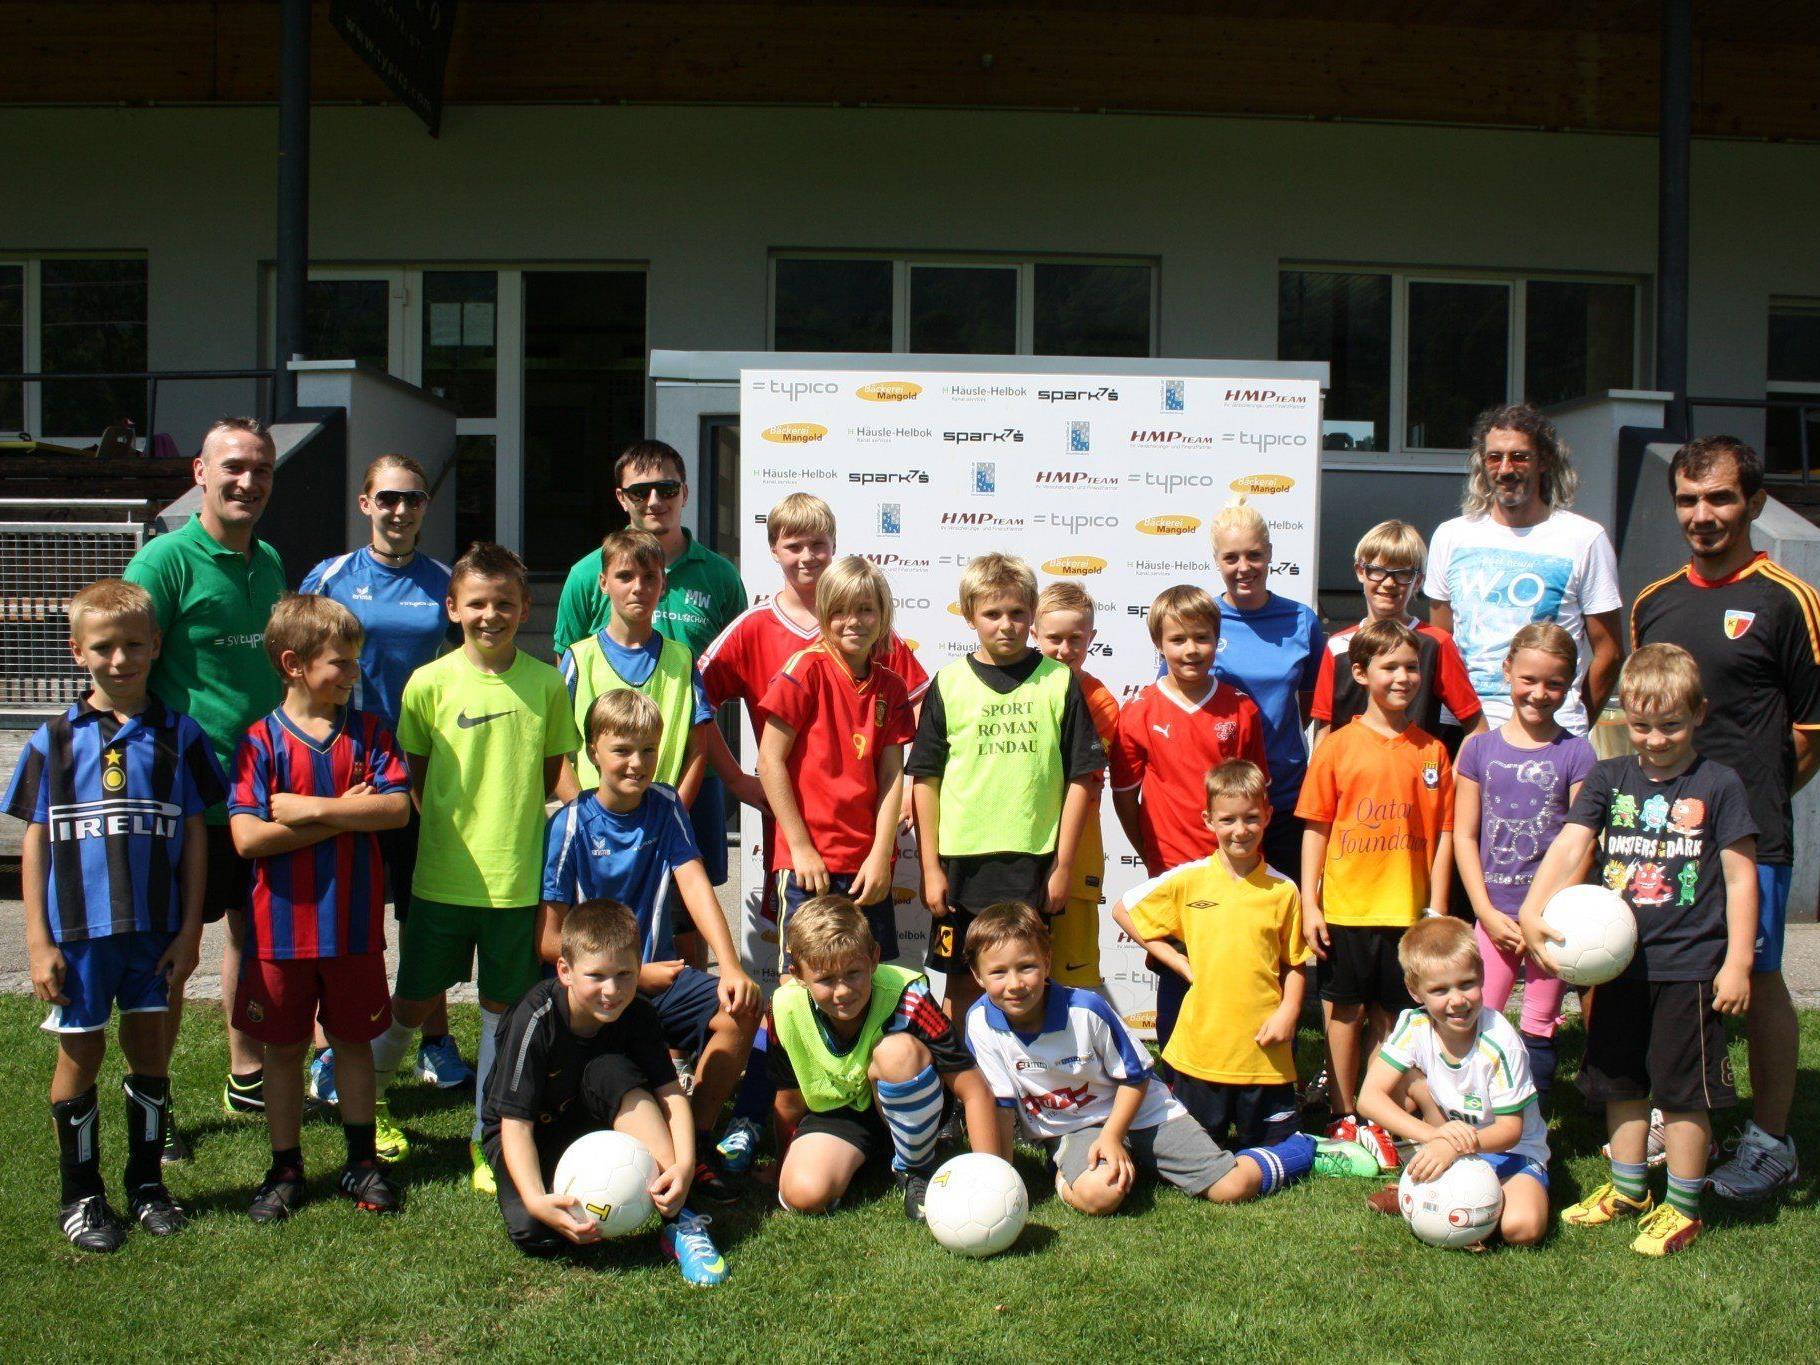 """Der SV Typico Lochau lud die fußballbegeisterte Lochauer Jugend zum """"Fußball Nachwuchs Camp"""" auf die Sportanlage Hoferfeld."""